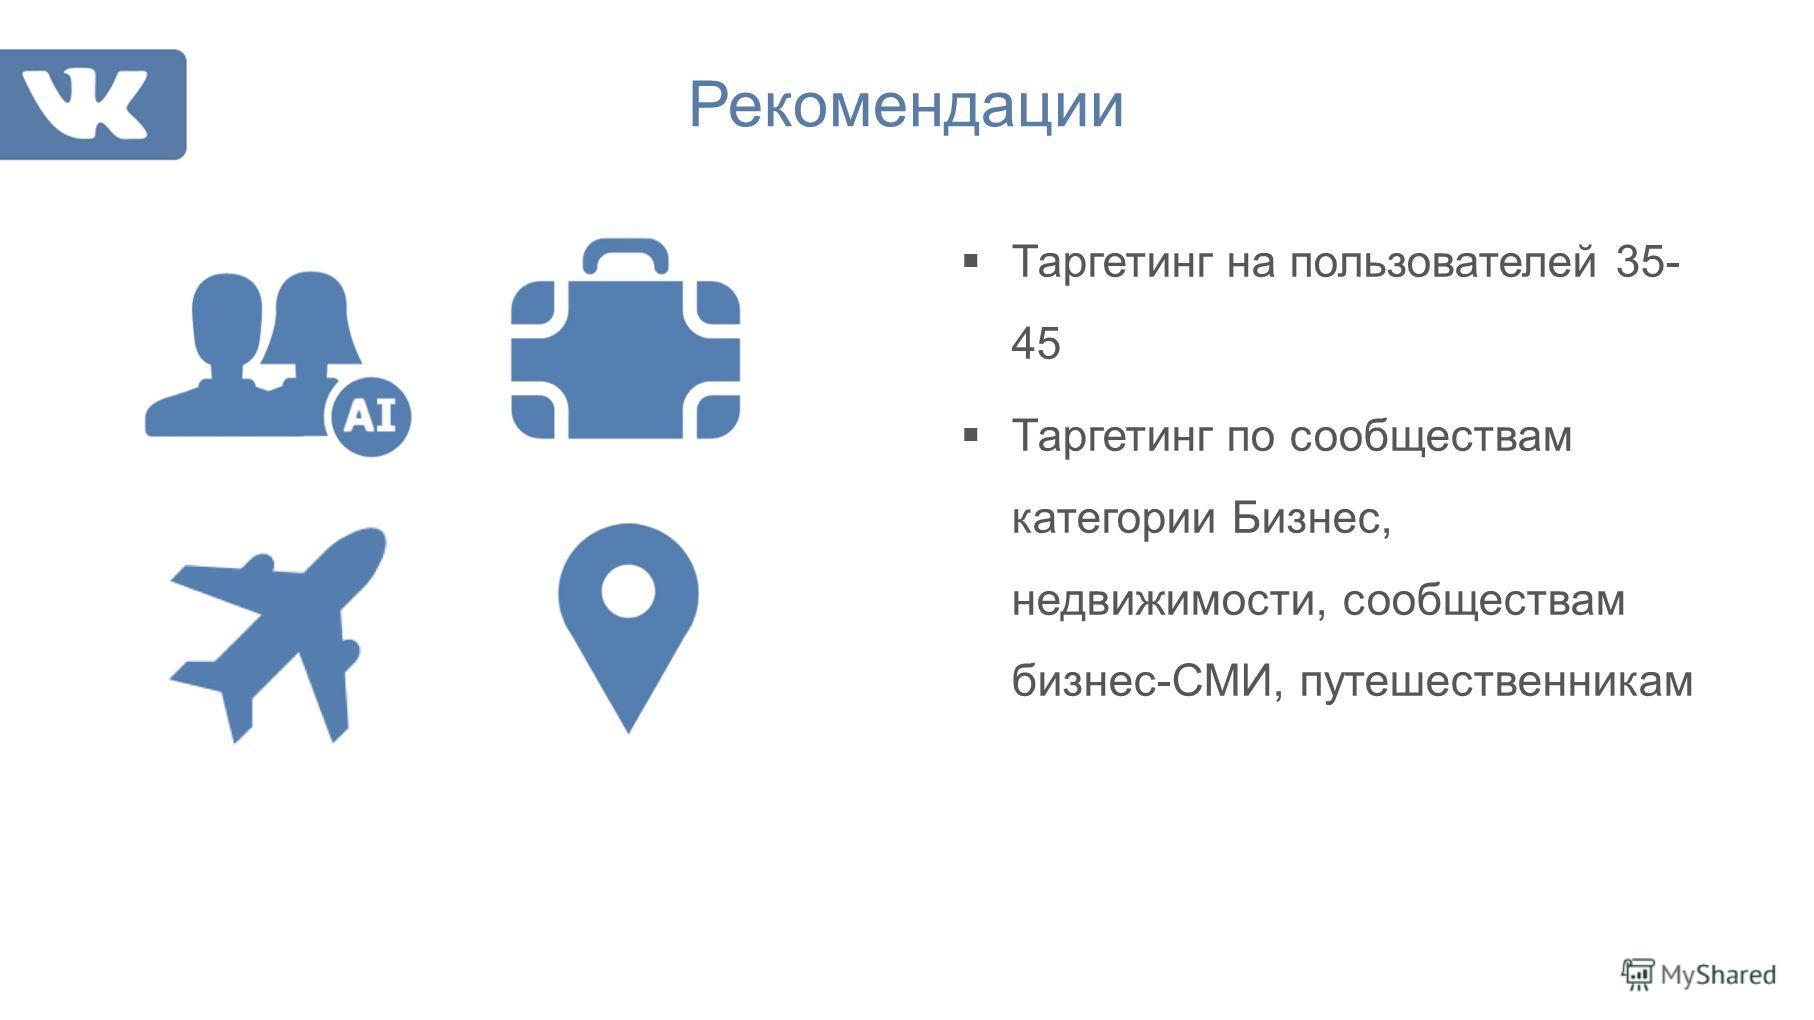 Таргетинг на пользователей 35- 45 Таргетинг по сообществам категории Бизнес, недвижимости, сообществам бизнес-СМИ, путешественникам Рекомендации